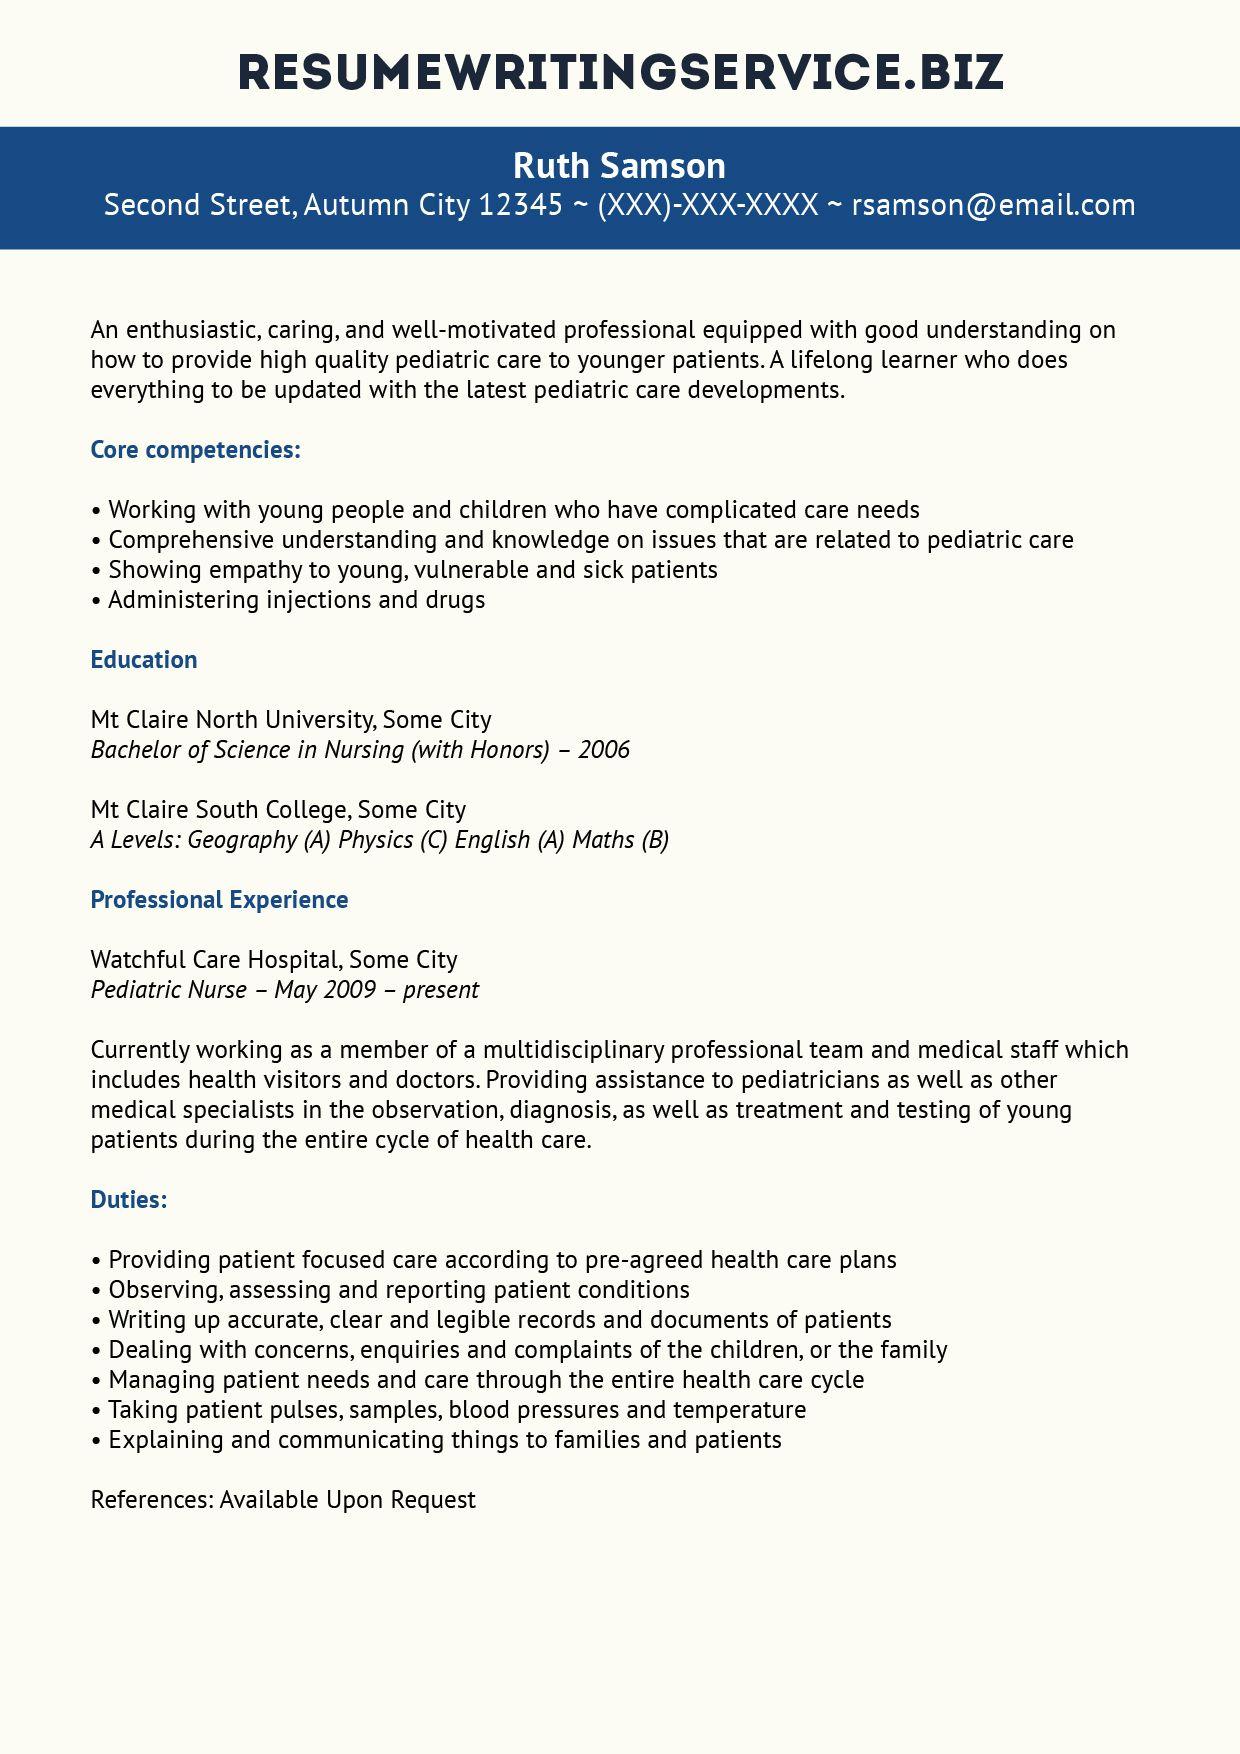 sample resume skills for nurses